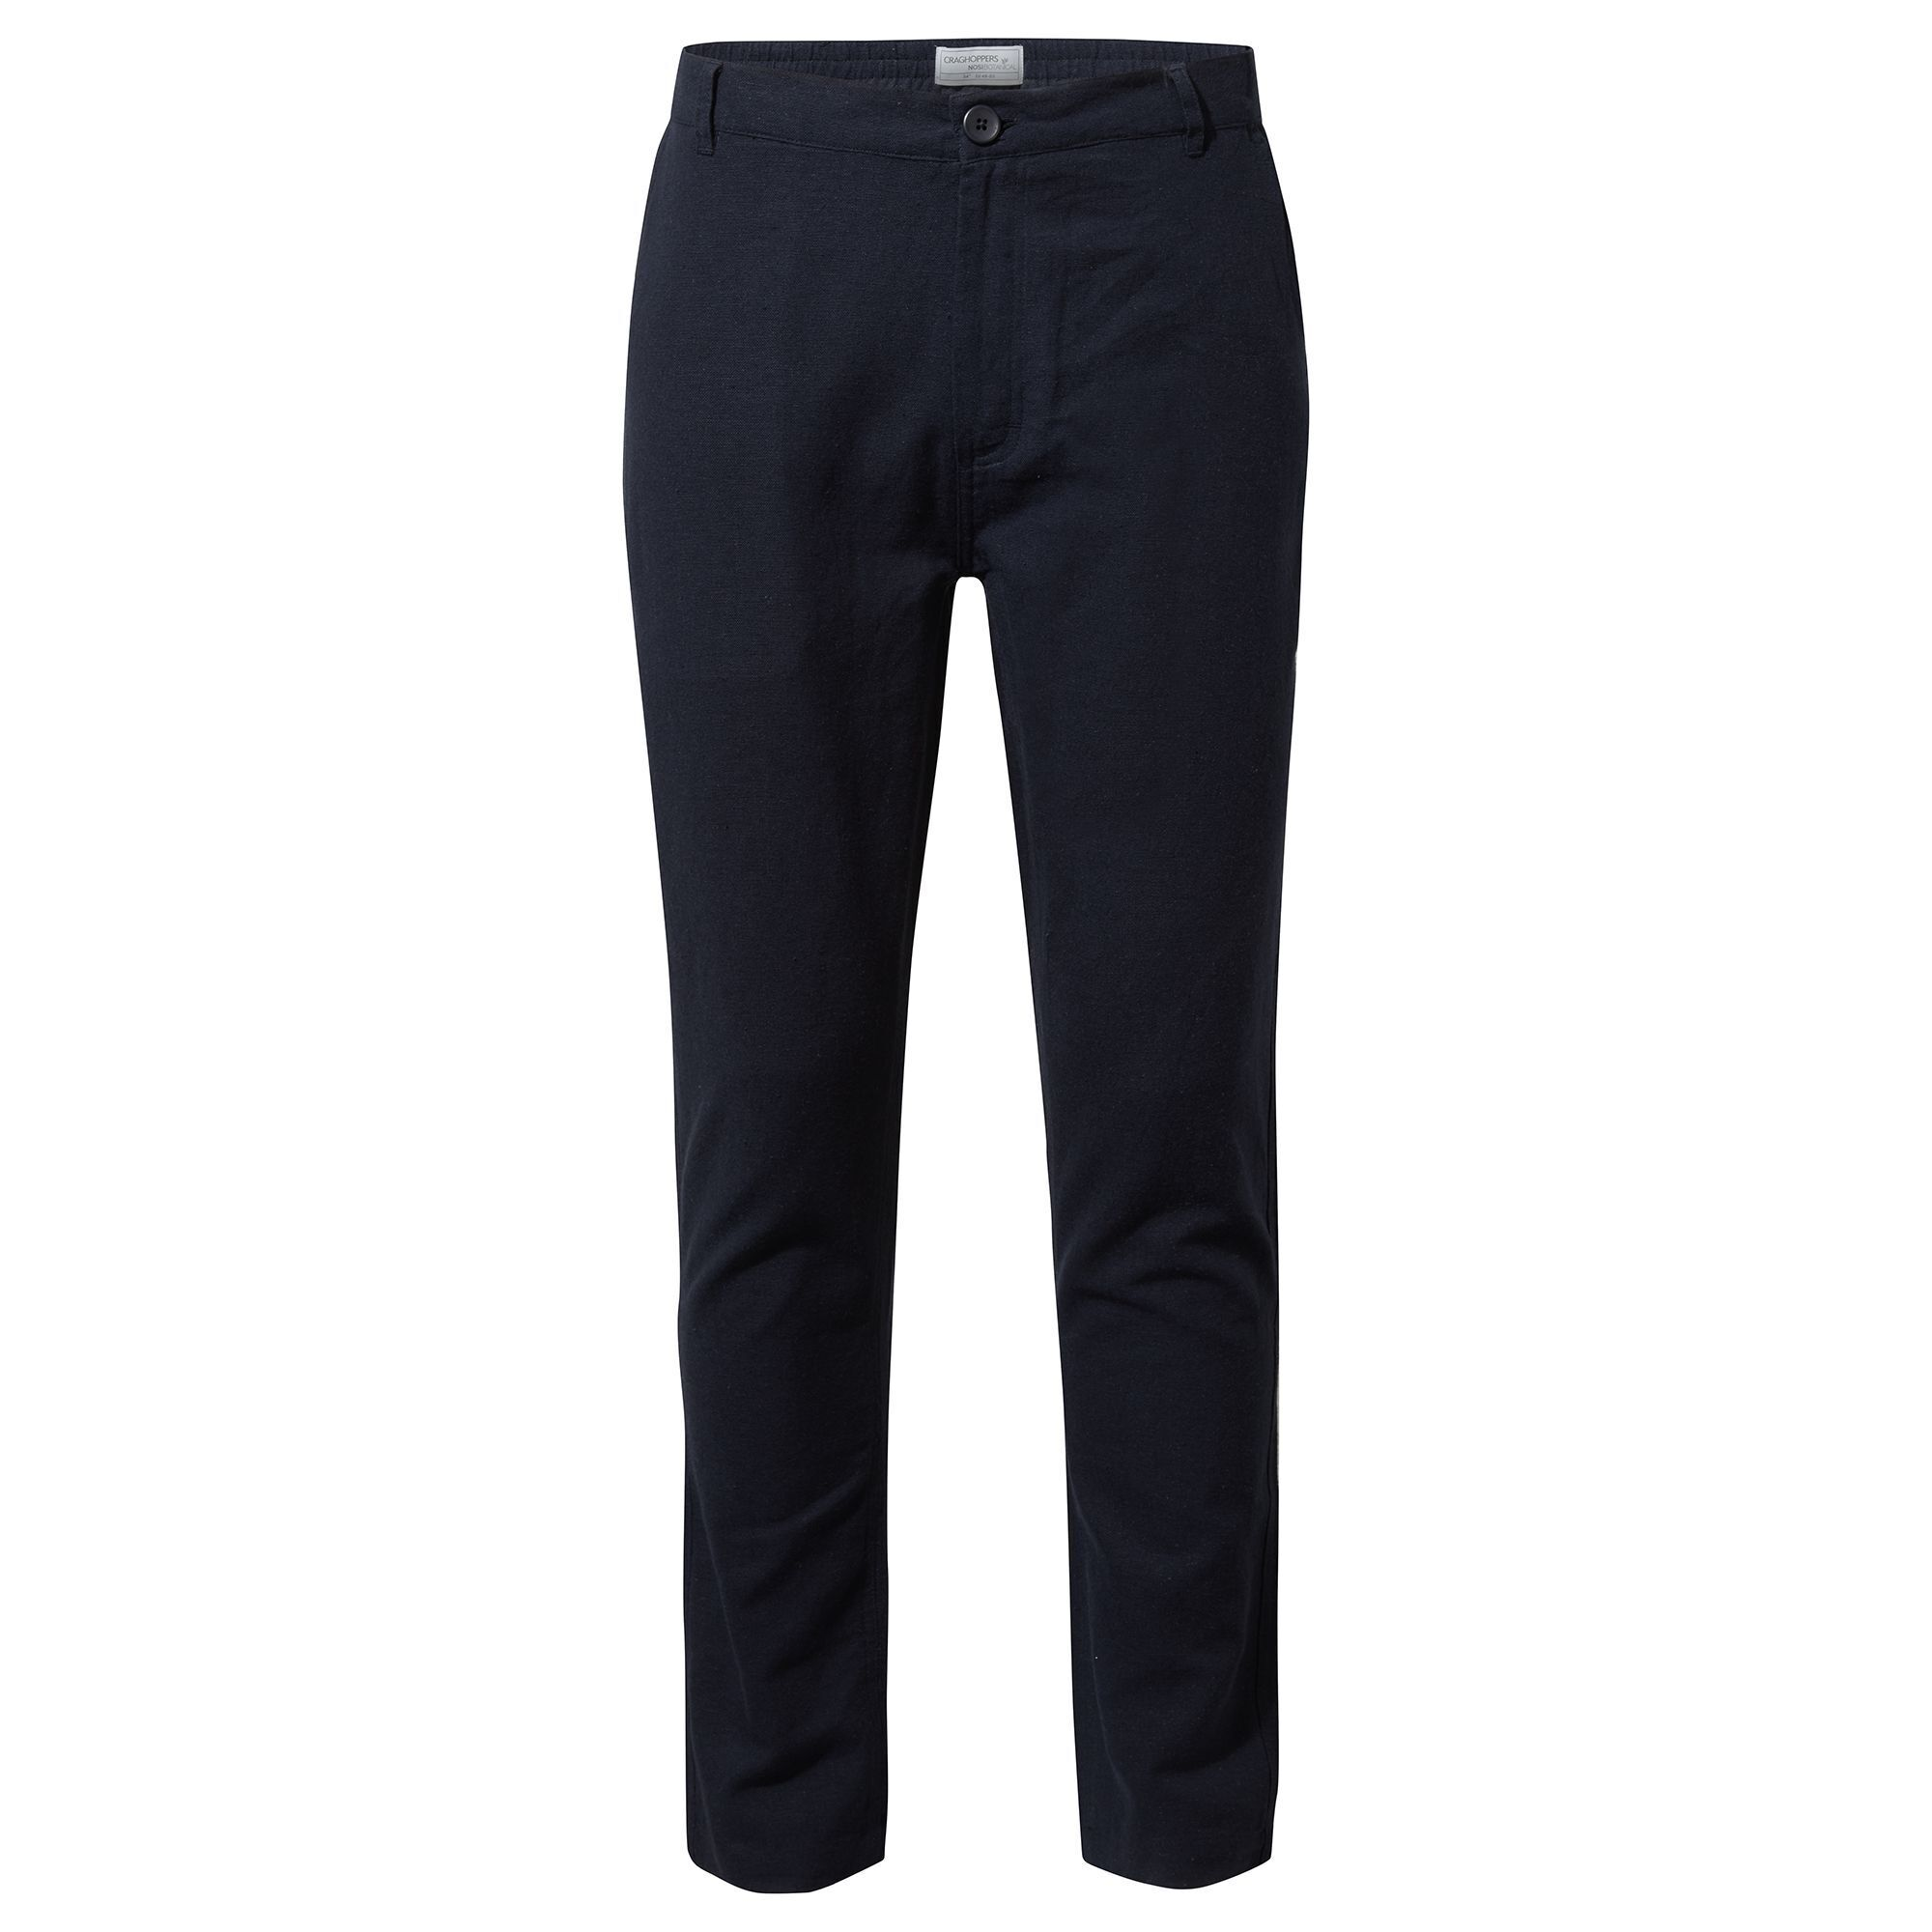 Craghoppers Mens Kier Sleek Trousers (40S) (Navy)